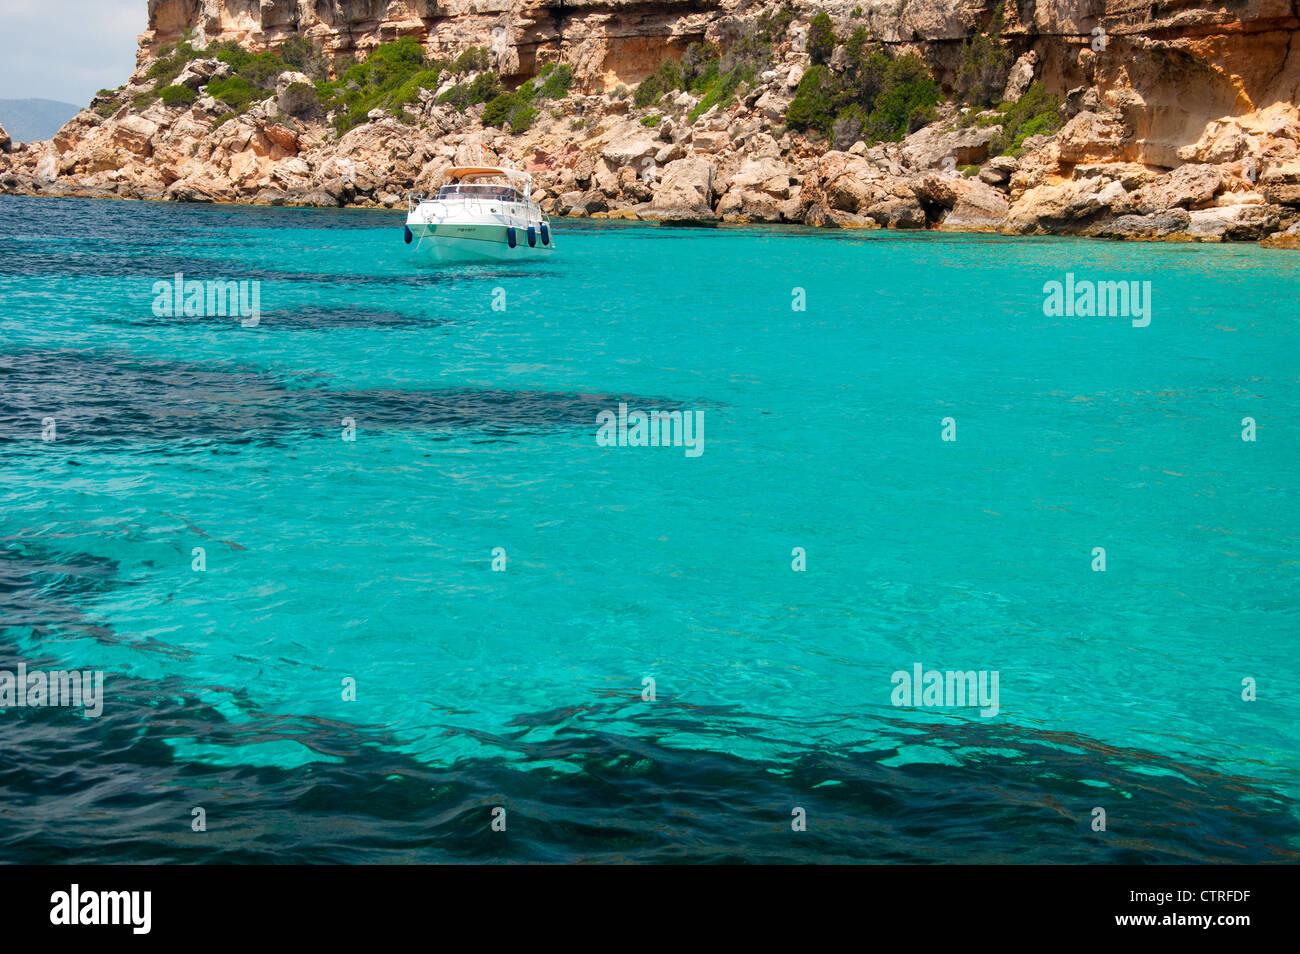 A Bay at Tagomago Island, Ibiza - Stock Image